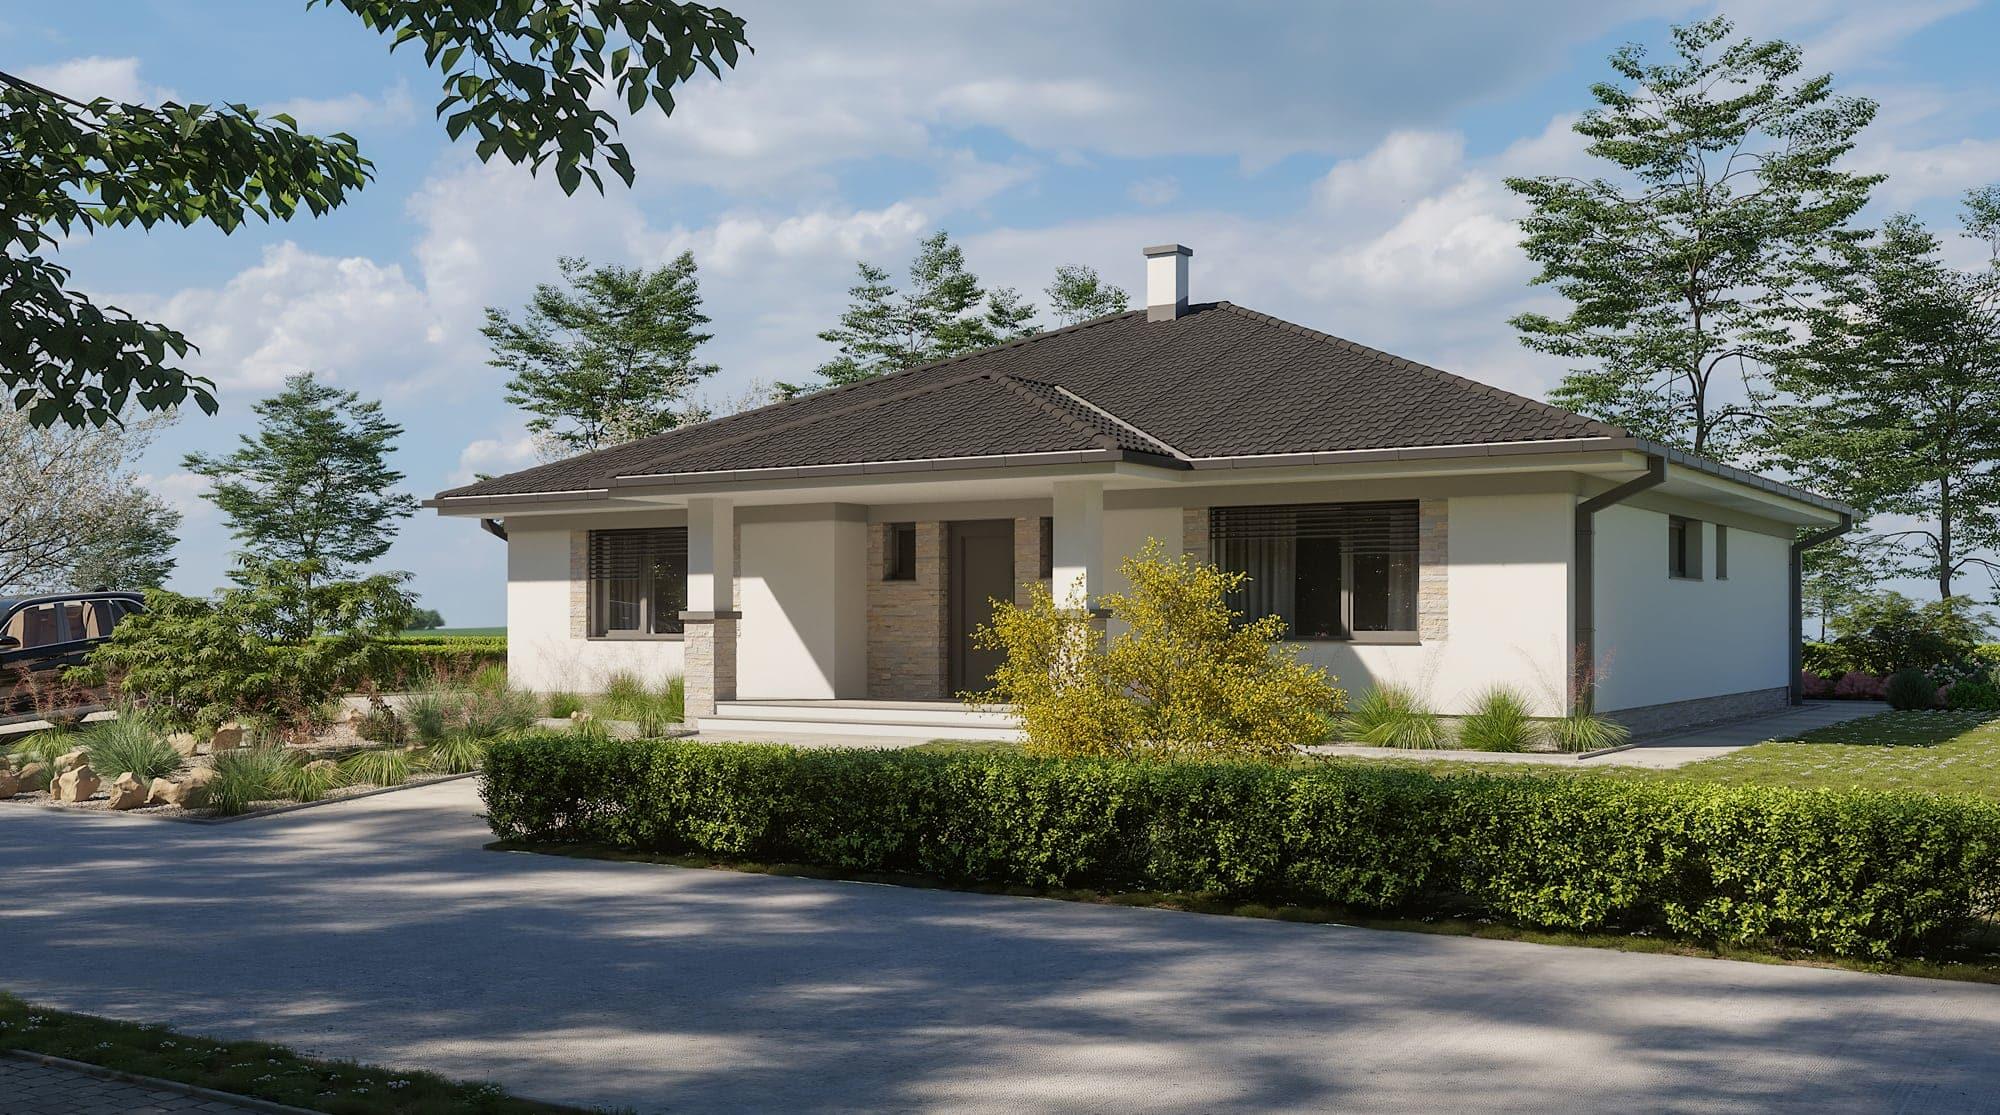 projekt rodinného domu style 238